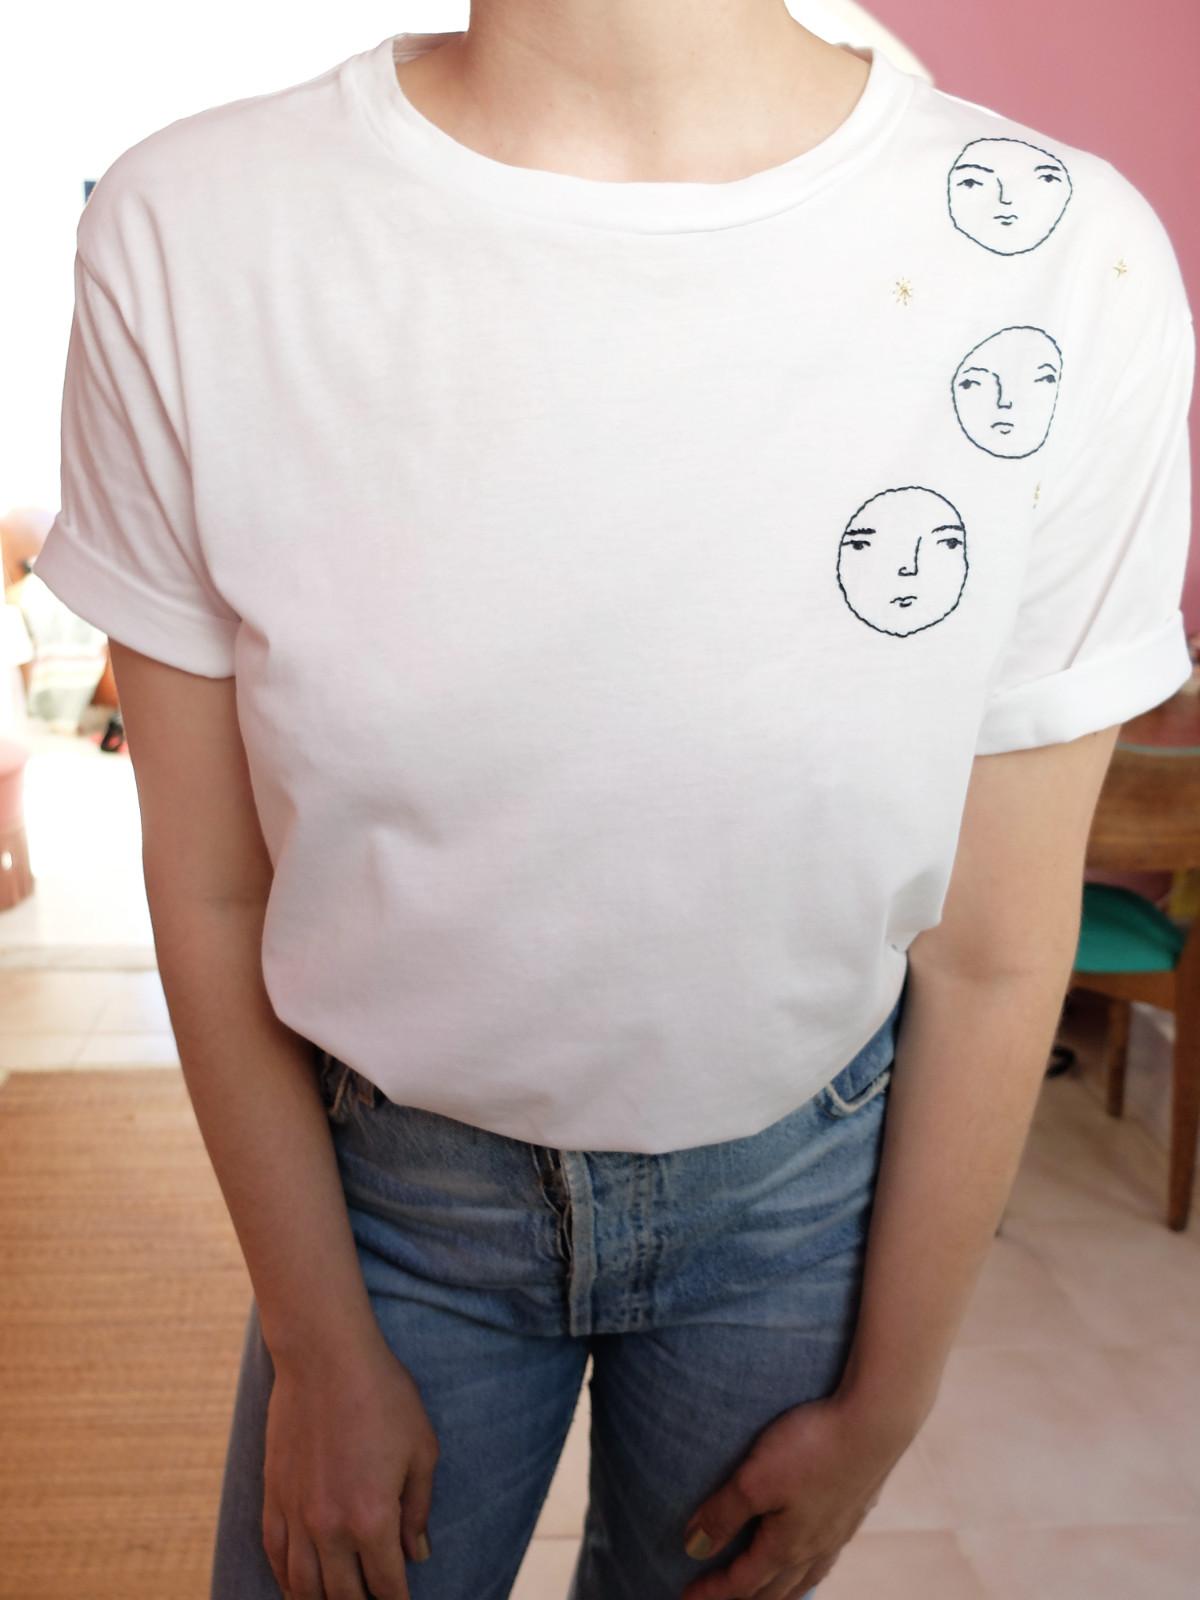 three faces tshirt